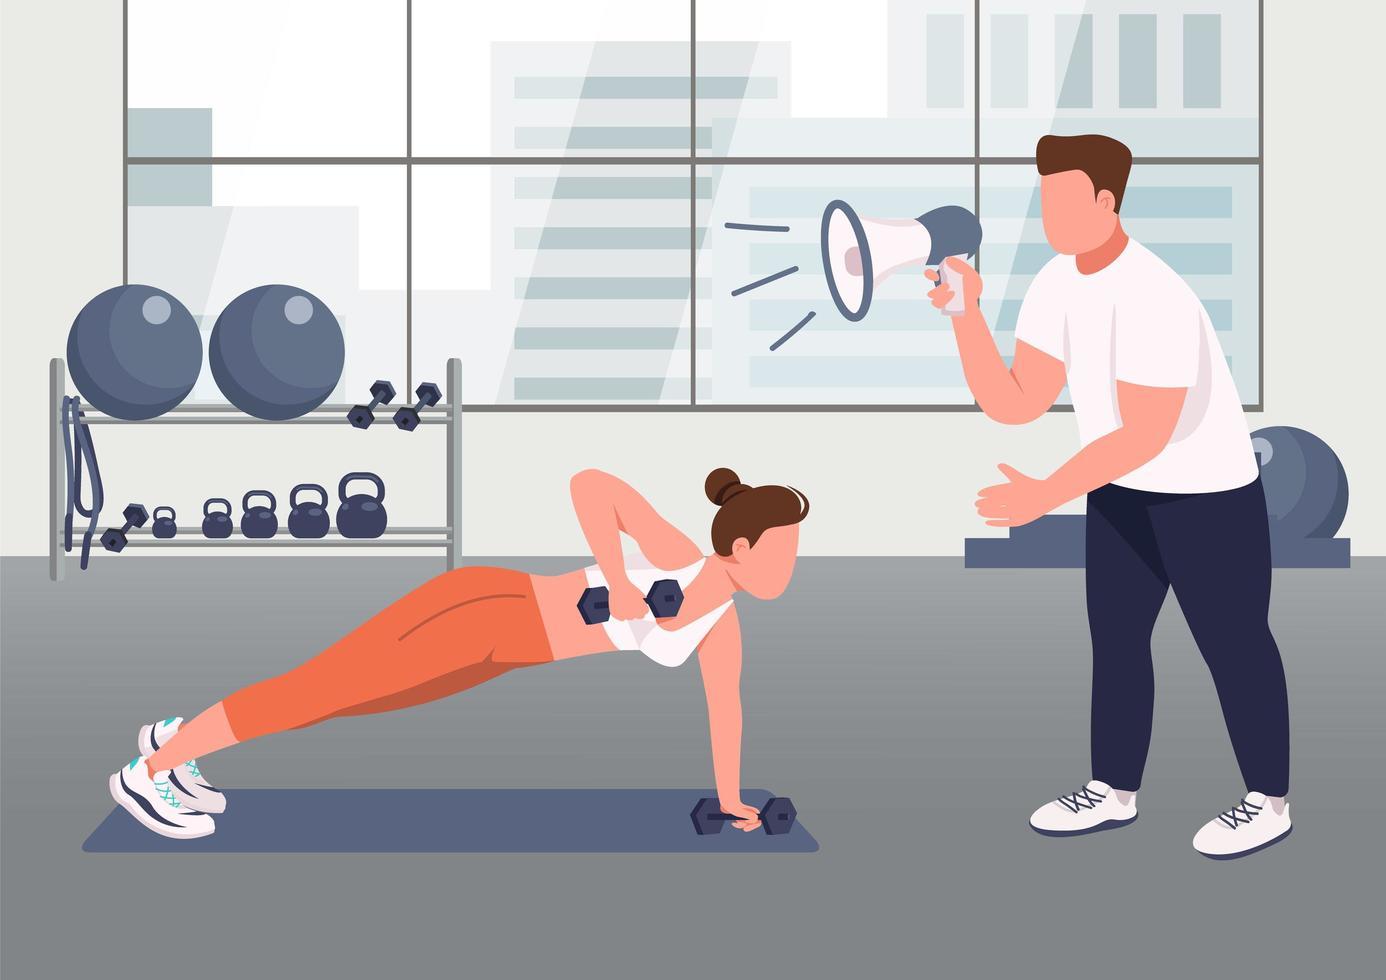 servicio de instructor de fitness vector